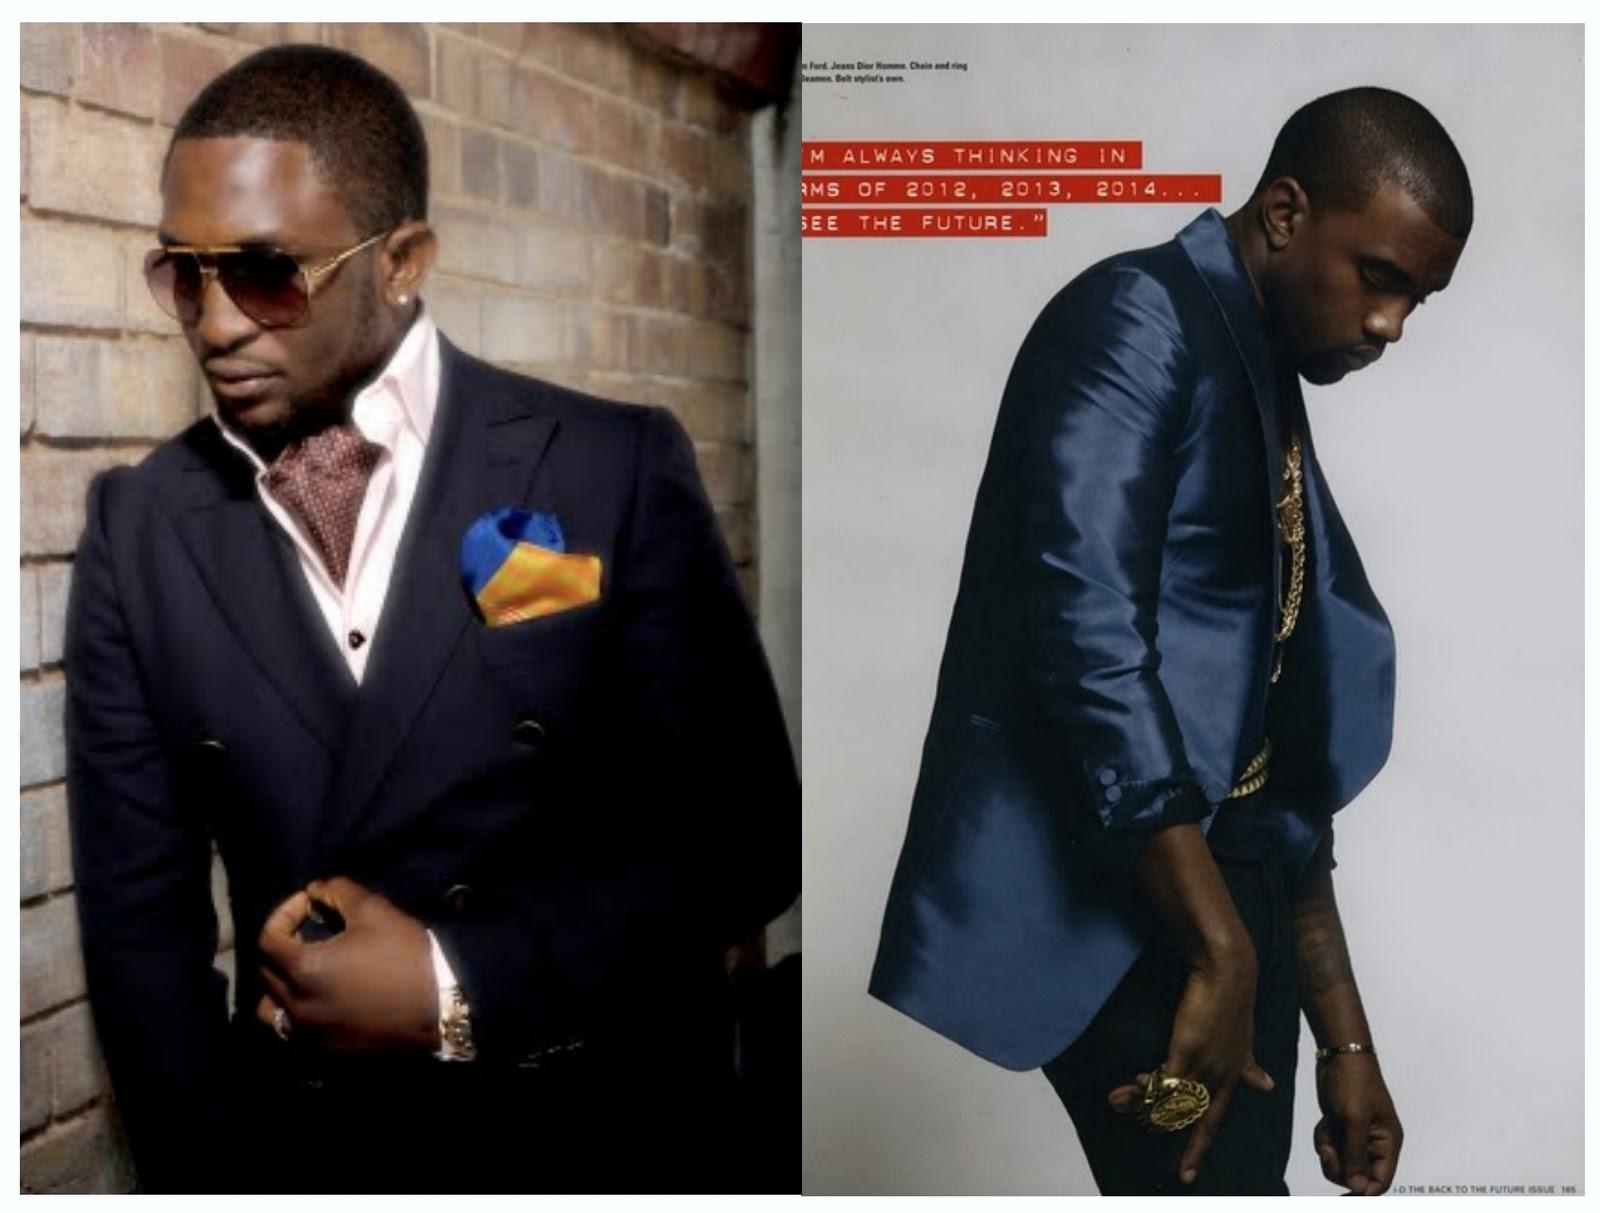 http://2.bp.blogspot.com/-X-M0cWATSsQ/TpYWNqKJ9NI/AAAAAAAAAfA/8Gv7wfQjaYY/s1600/kanye+darey+faceoff.jpg